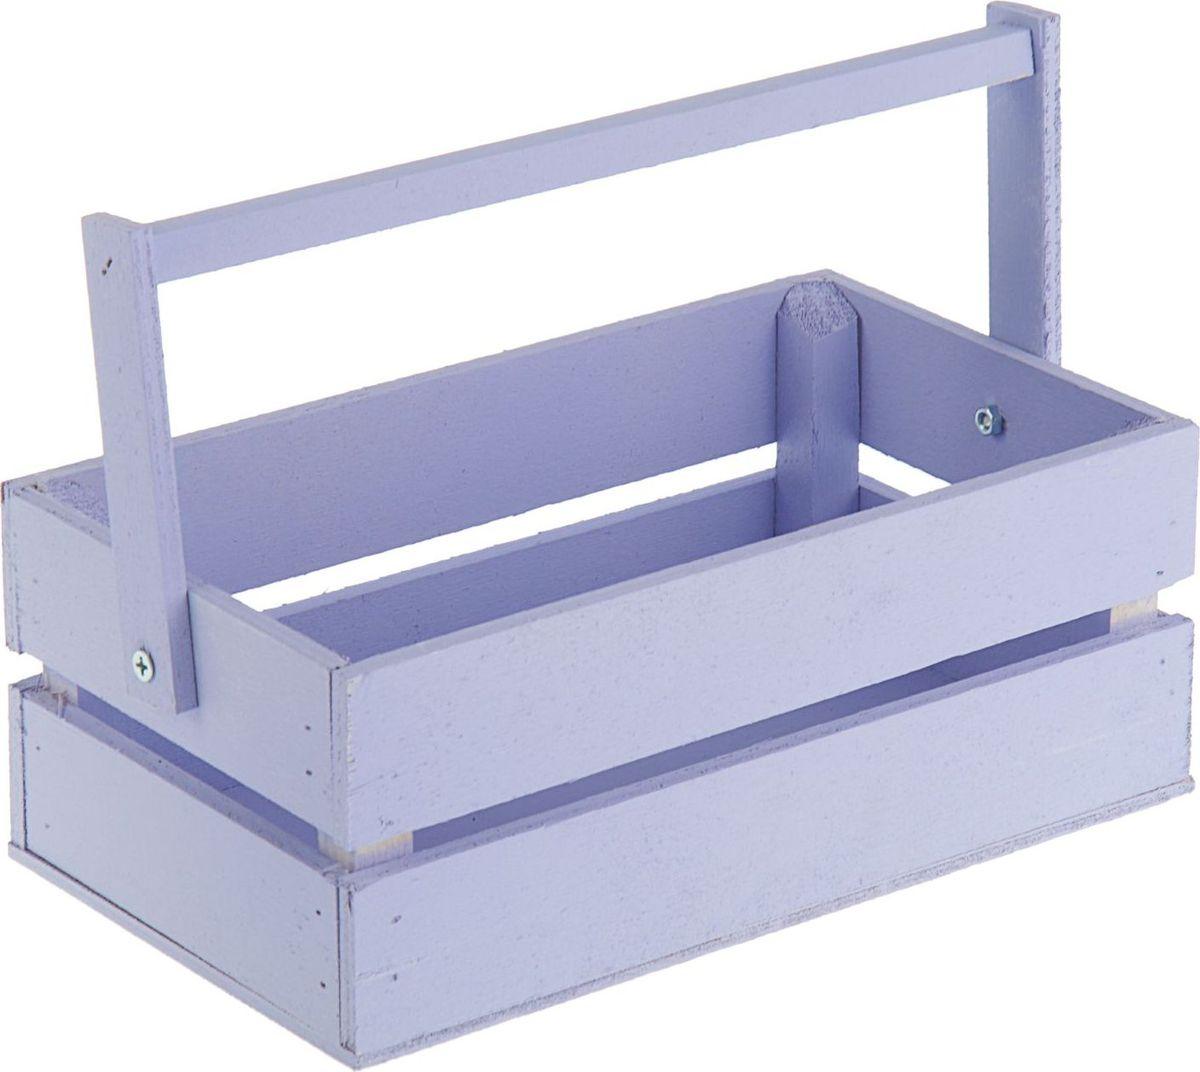 Кашпо ТД ДМ Ящик, со складной ручкой, цвет: фиолетовый, 24,5 х 13,5 х 9 см кашпо тд дм ящик любовь флористическое 20 х 16 х 9 5 см